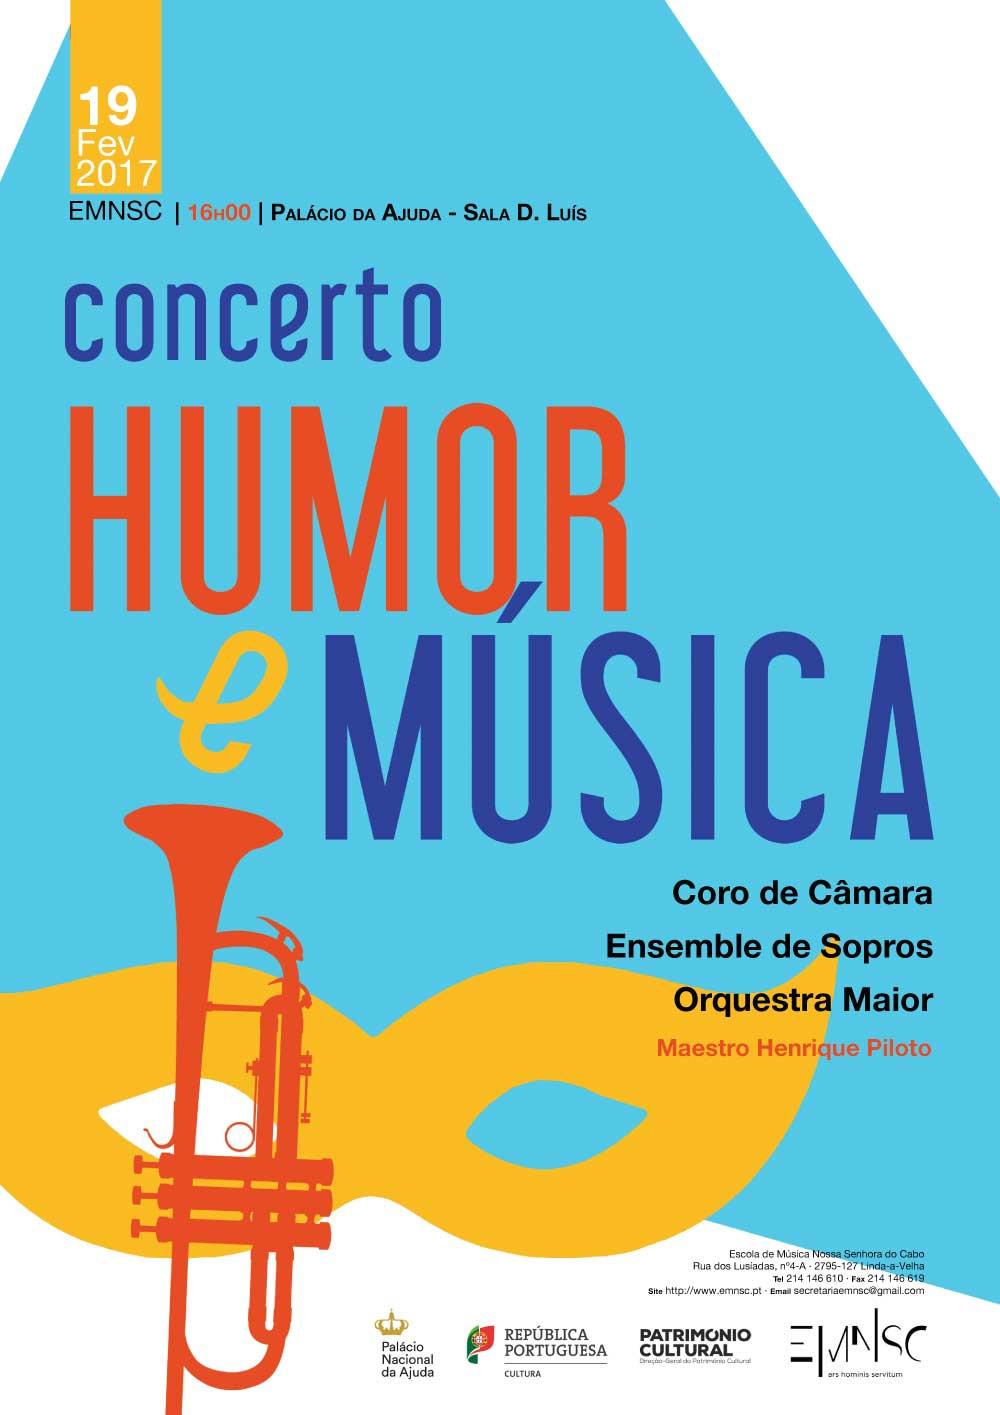 Concerto Humor e Música | Palácio da Ajuda